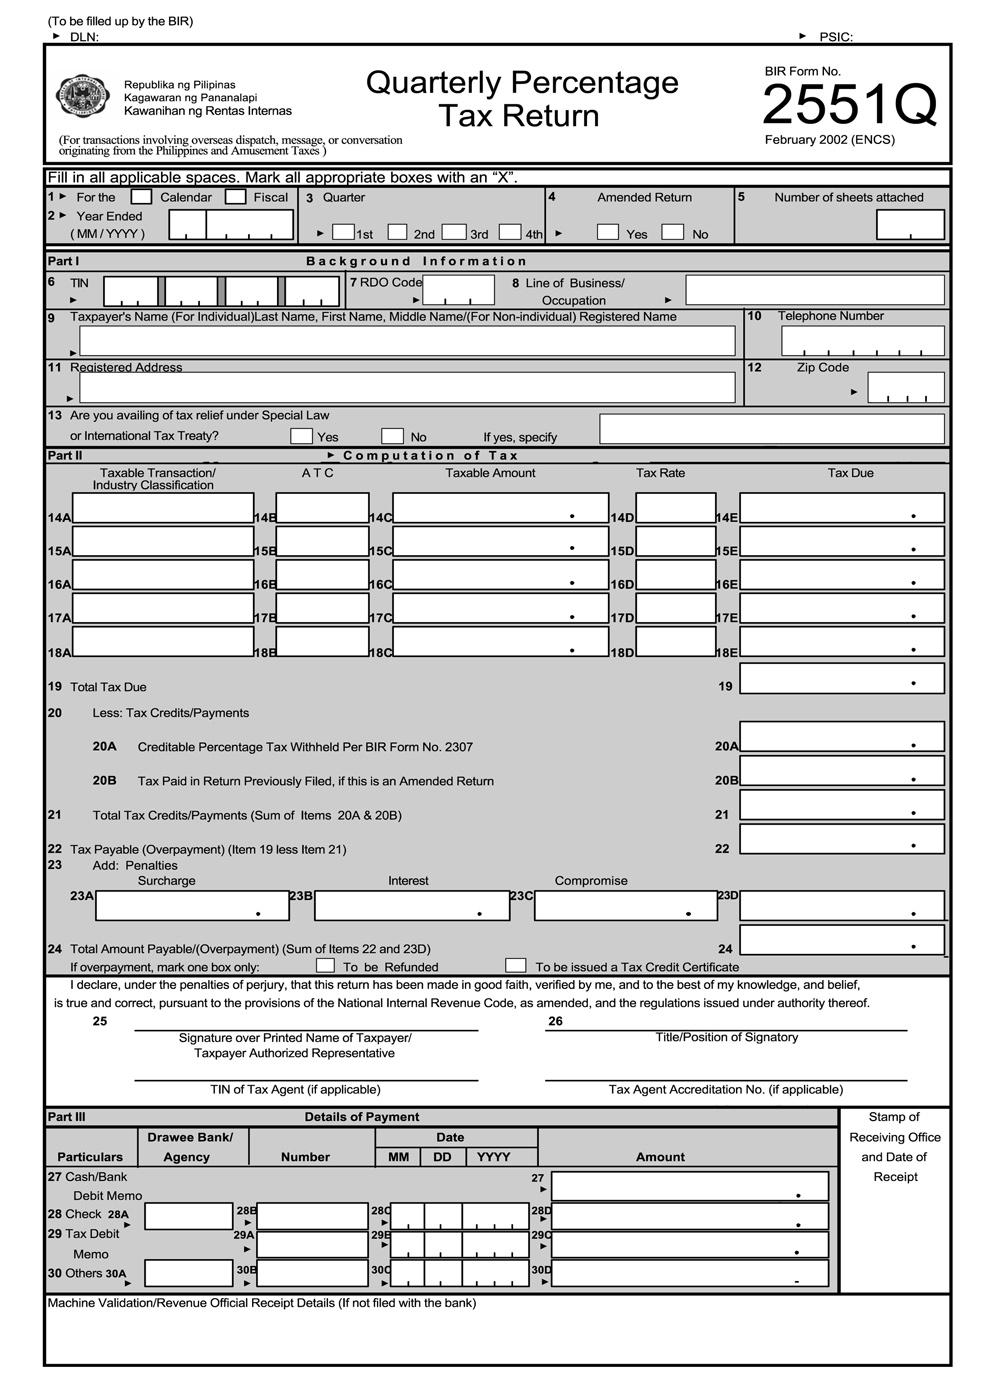 2551q form free download  busapcom: BIR Form 5Q Download